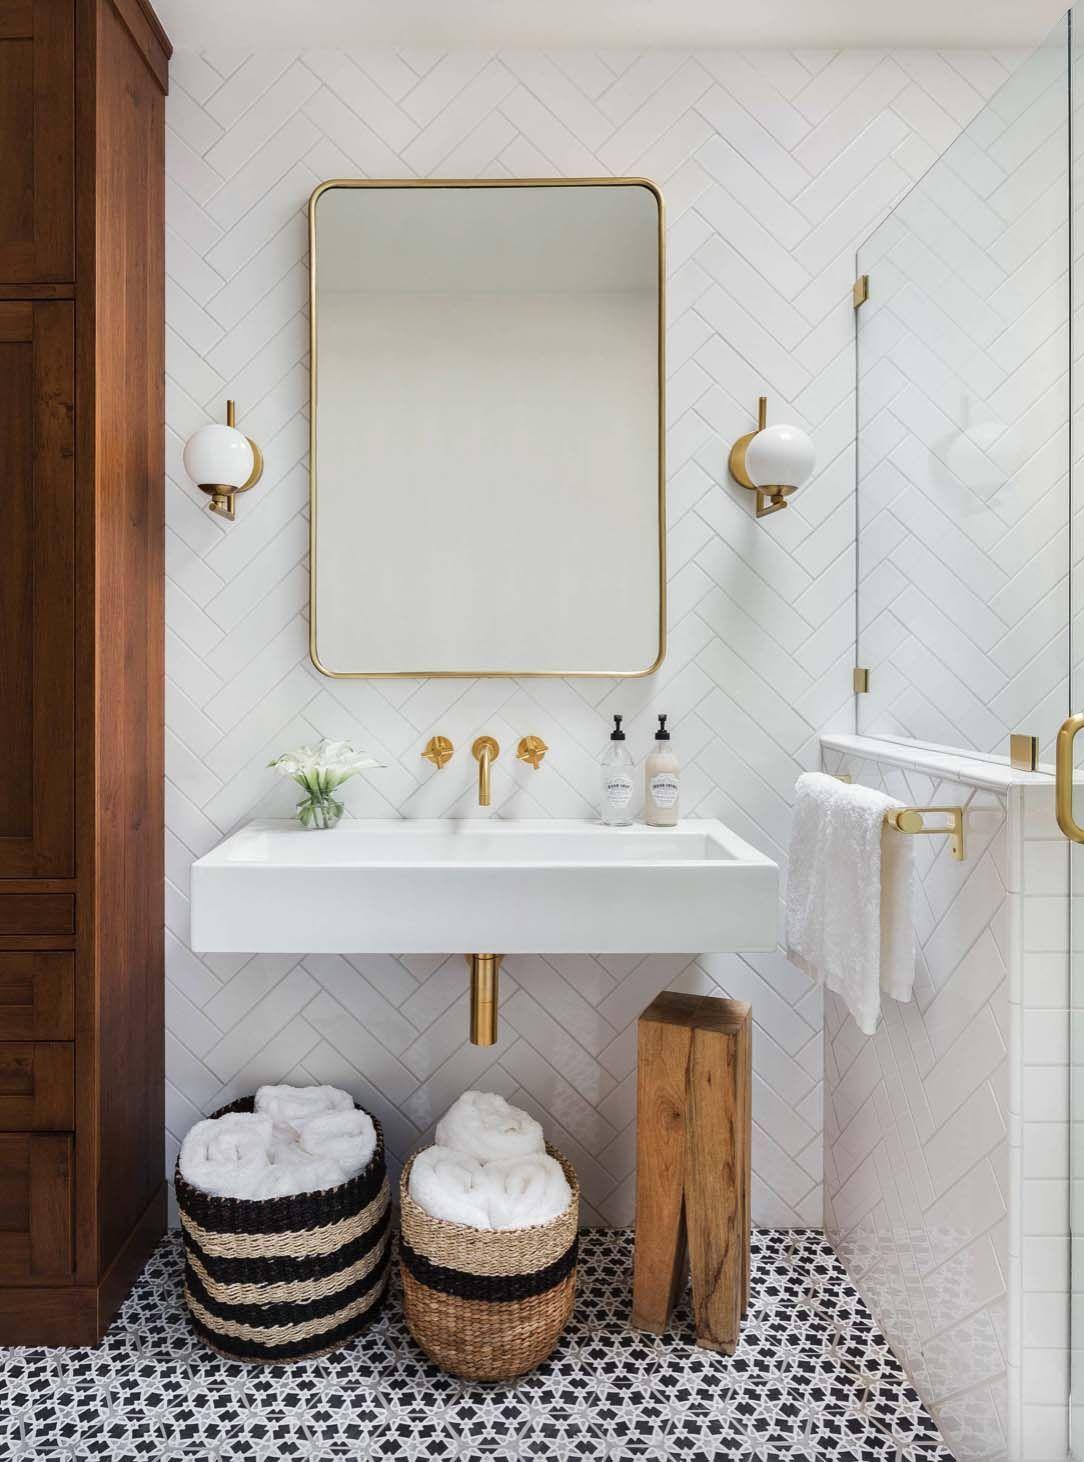 10 Unglaublich stilvolle Schwarz-Weiß-Badezimmer Ideen zu